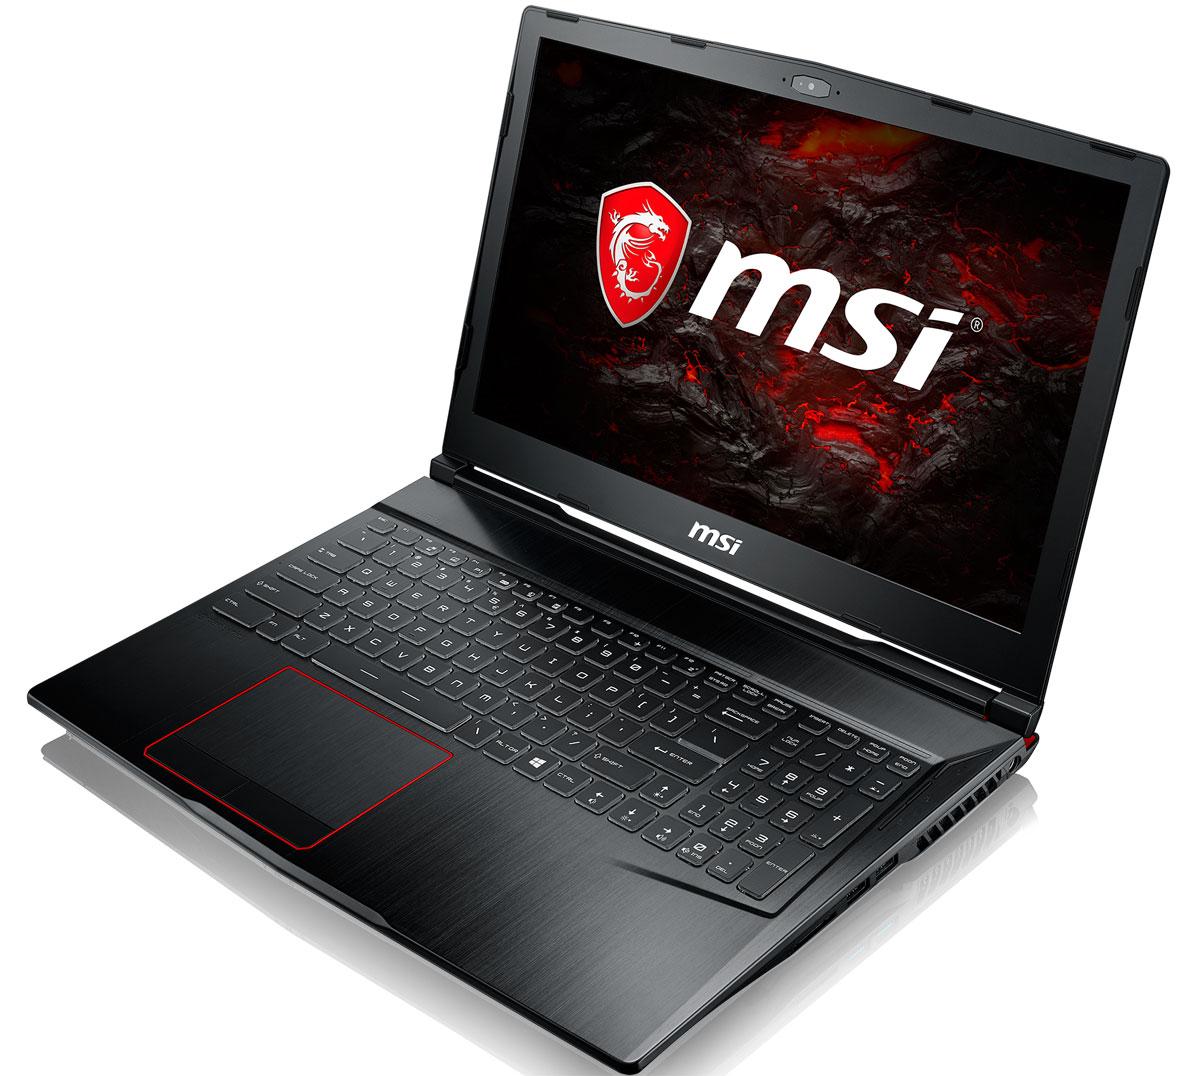 MSI GE63VR 7RF-057RU, BlackGE63VR 7RF-057RUMSI GE63VR 7RF - первый в мире ноутбук с независимой RGB-подсветкой клавиш и игровой клавиатурой Steelseries.Благодаря независимой подсветке клавиш вы сможете контролировать игровую статистику (уровень боекомплекта, здоровья, прочность инструмента и т.д.) прямо на клавиатуре и реагировать на действия соперников быстрее. Каждый нюанс этой клавиатуры продуман под профессионального геймера.Эргономичный дизайн, ход клавиш 1.9 мм, ясный отклик, оптимальная зона WASD, anti-ghosting для 45 клавиш и механическая защита делают клавиатуры ноутбуков MSI Gaming самыми удобными и надёжными в индустрии.Новейшая технология MSI Cooler Boost 5 отличается 2-мя модулями охлаждения, 2-мя вентиляторами Whirlwind Blade, 7-ю тепловыми трубками и 4-мя направлениями выхлопа. Интенсивность и эффективность отвода тепла оптимально согласованы с мощью установленных компонентов. Это позволило достичь повышенной производительности и сниженной температуры видеокарты уровня GTX 1070.Новые гигантские динамики в составе первоклассной акустической системы Dynaudio позволят ощутить рёв моторов, взрывы и падения зданий в игре как никогда явственно. 2 динамика + 2 вуфера в независимых резонансных камерах создают невероятно реалистичное звучание аудиоэффектов.Стильный шлифованный алюминиевый корпус прекрасно подчёркивает эстетику и мощь этой игровой машины.По ожиданиям экспертов производительность новой GeForce GTX 1070 должна более чем на 40% превысить показатели графических карт GeForce GTX 900M Series. Благодаря инновационной системе охлаждения Cooler Boost и специальным геймерским технологиям, применённым в игровых ноутбуках MSI Gaming, графическая карта новейшего поколения NVIDIA GeForce GTX 1070 сможет продемонстрировать всю свою мощь без остатка.Являясь единственными игровыми ноутбуками с дисплеем 120Гц/3мс, серия GE станет твоим надёжным компаньоном, который не даст упустить ни одной детали во время динамичного геймплея. Частота обновления экрана 12 Гц и 